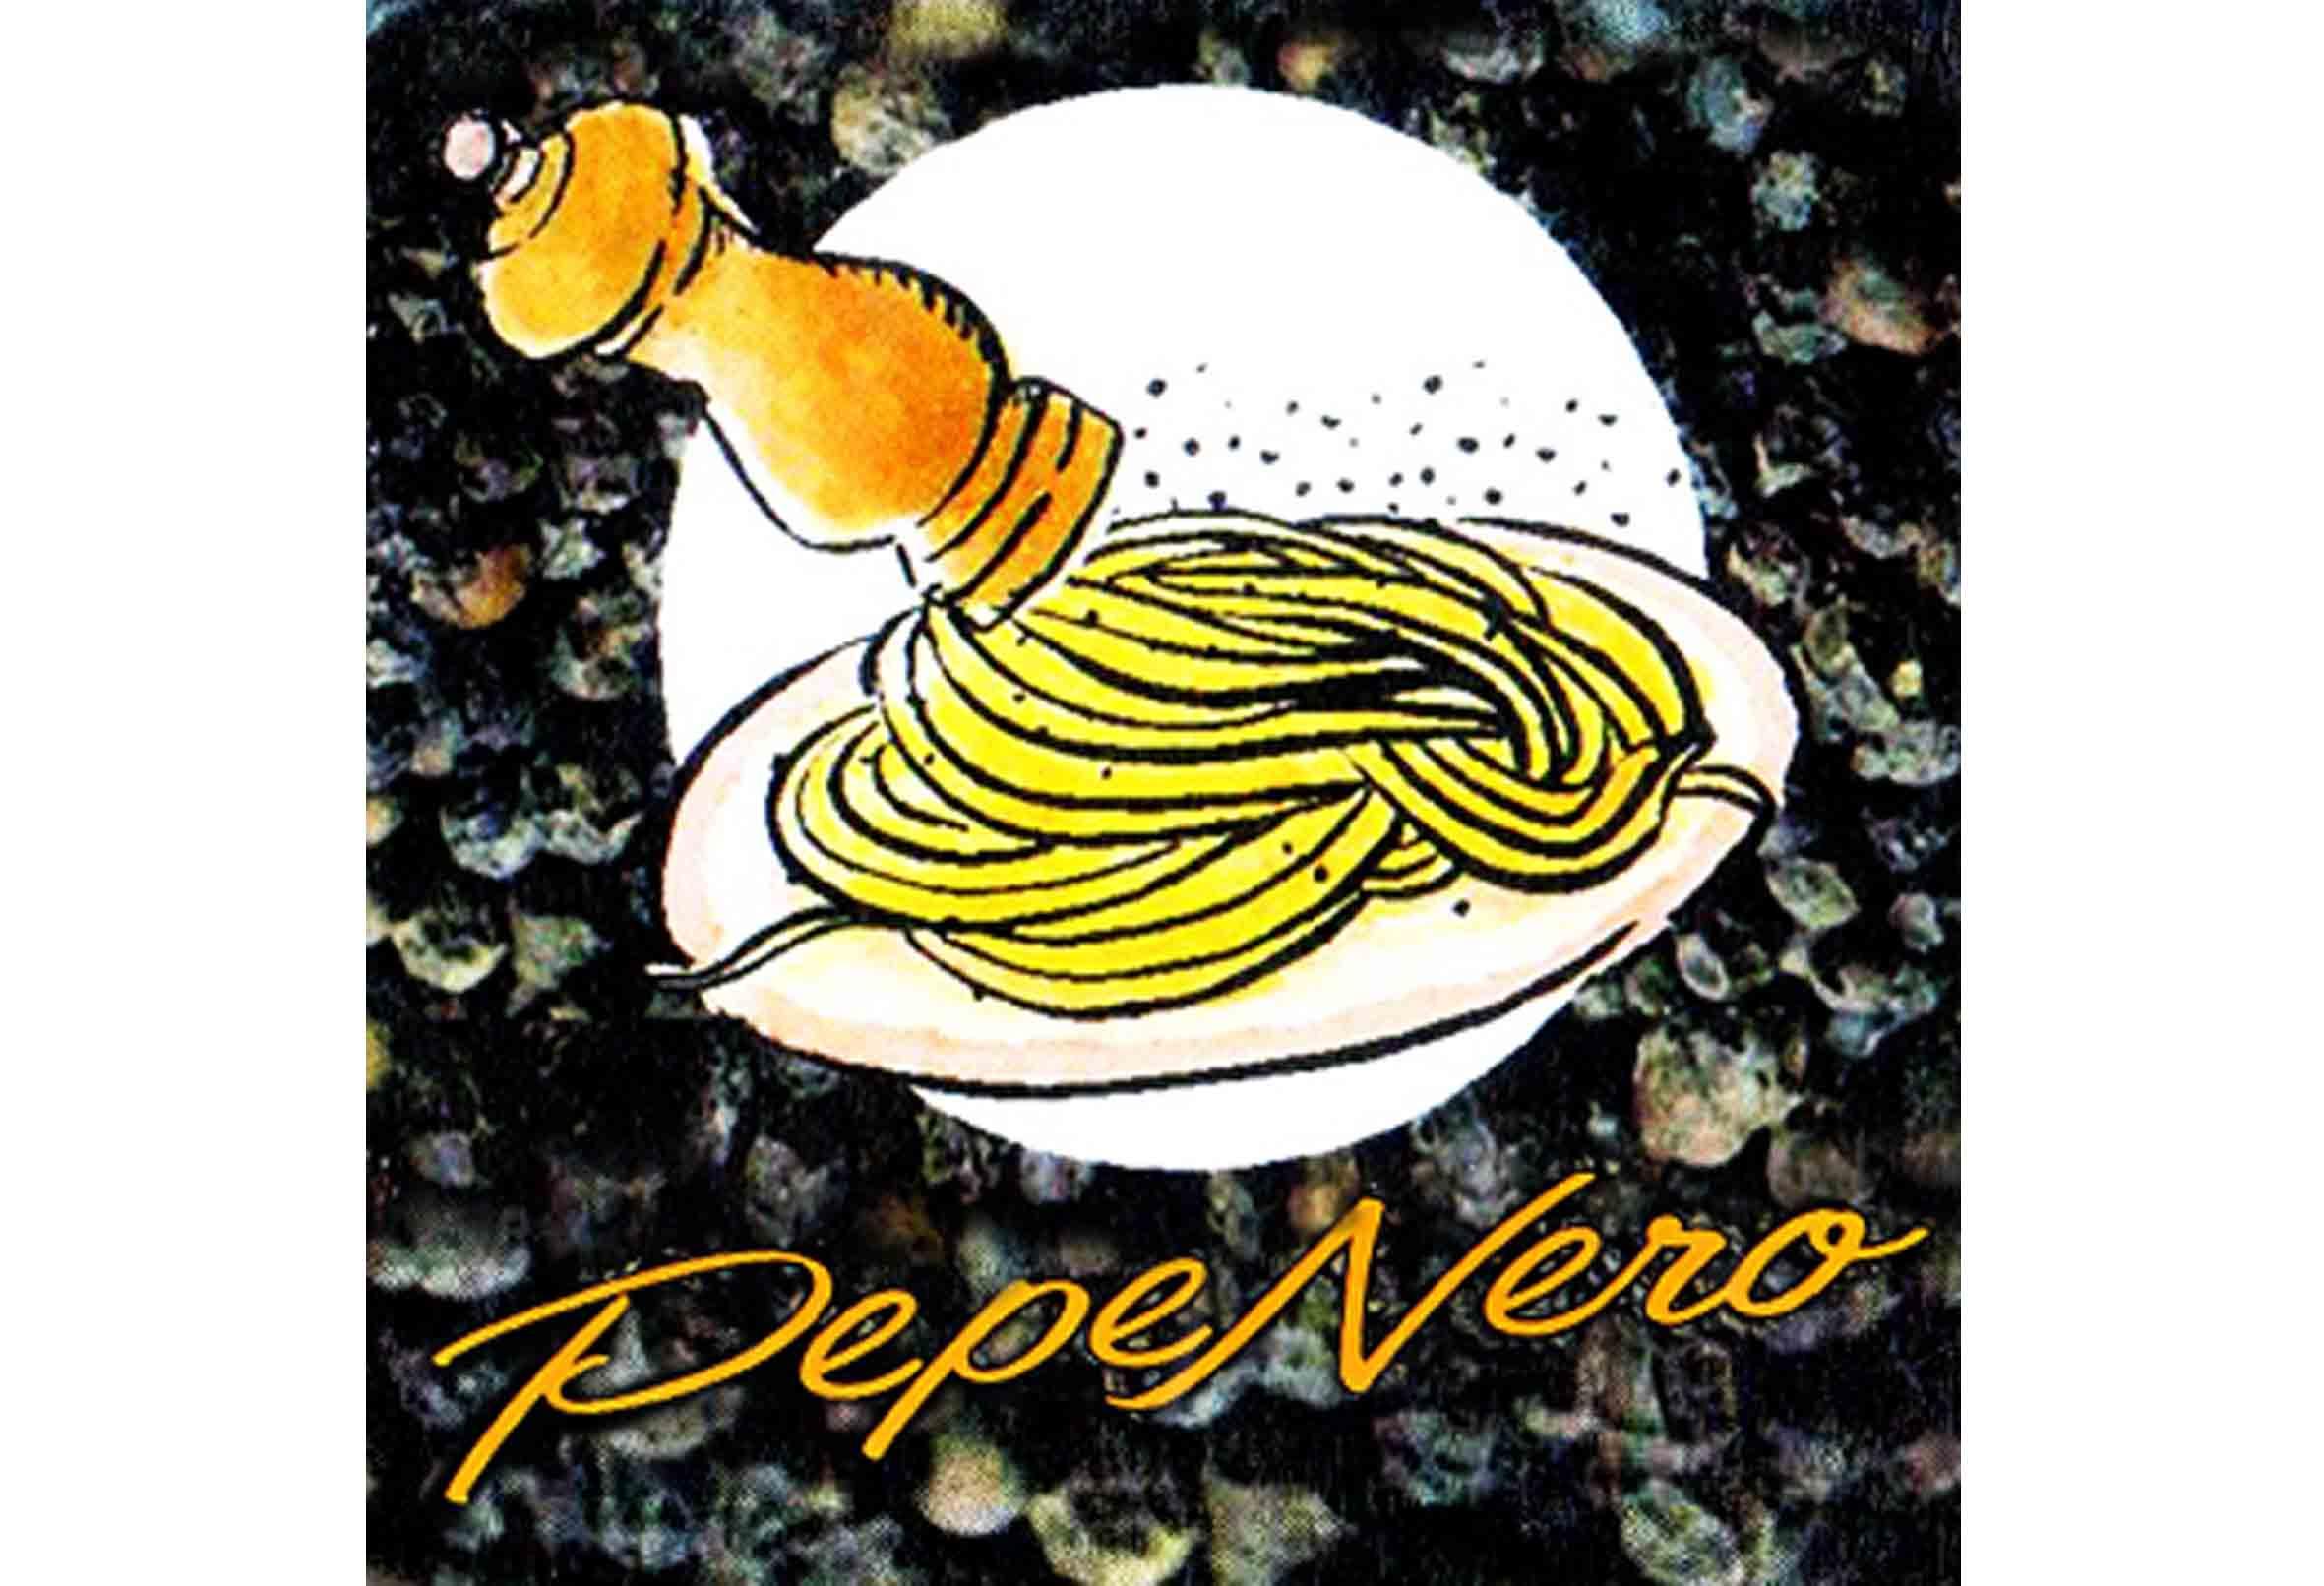 PepeNero